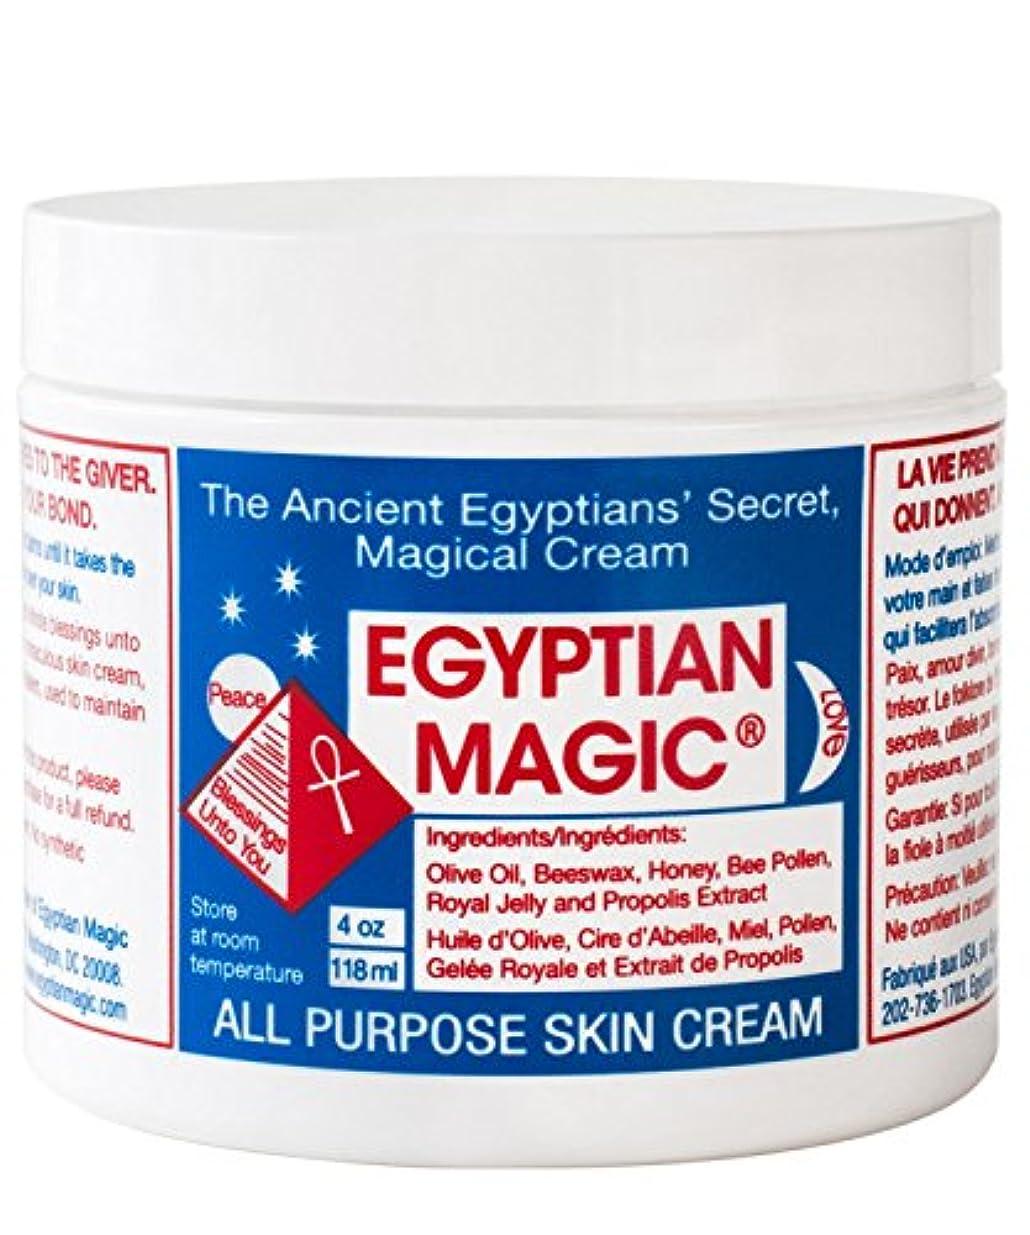 待つ知覚的ワイヤーEgyptian Magic All Purpose Skin Cream 118ml - エジプトの魔法の万能スキンクリーム118ミリリットル [並行輸入品]